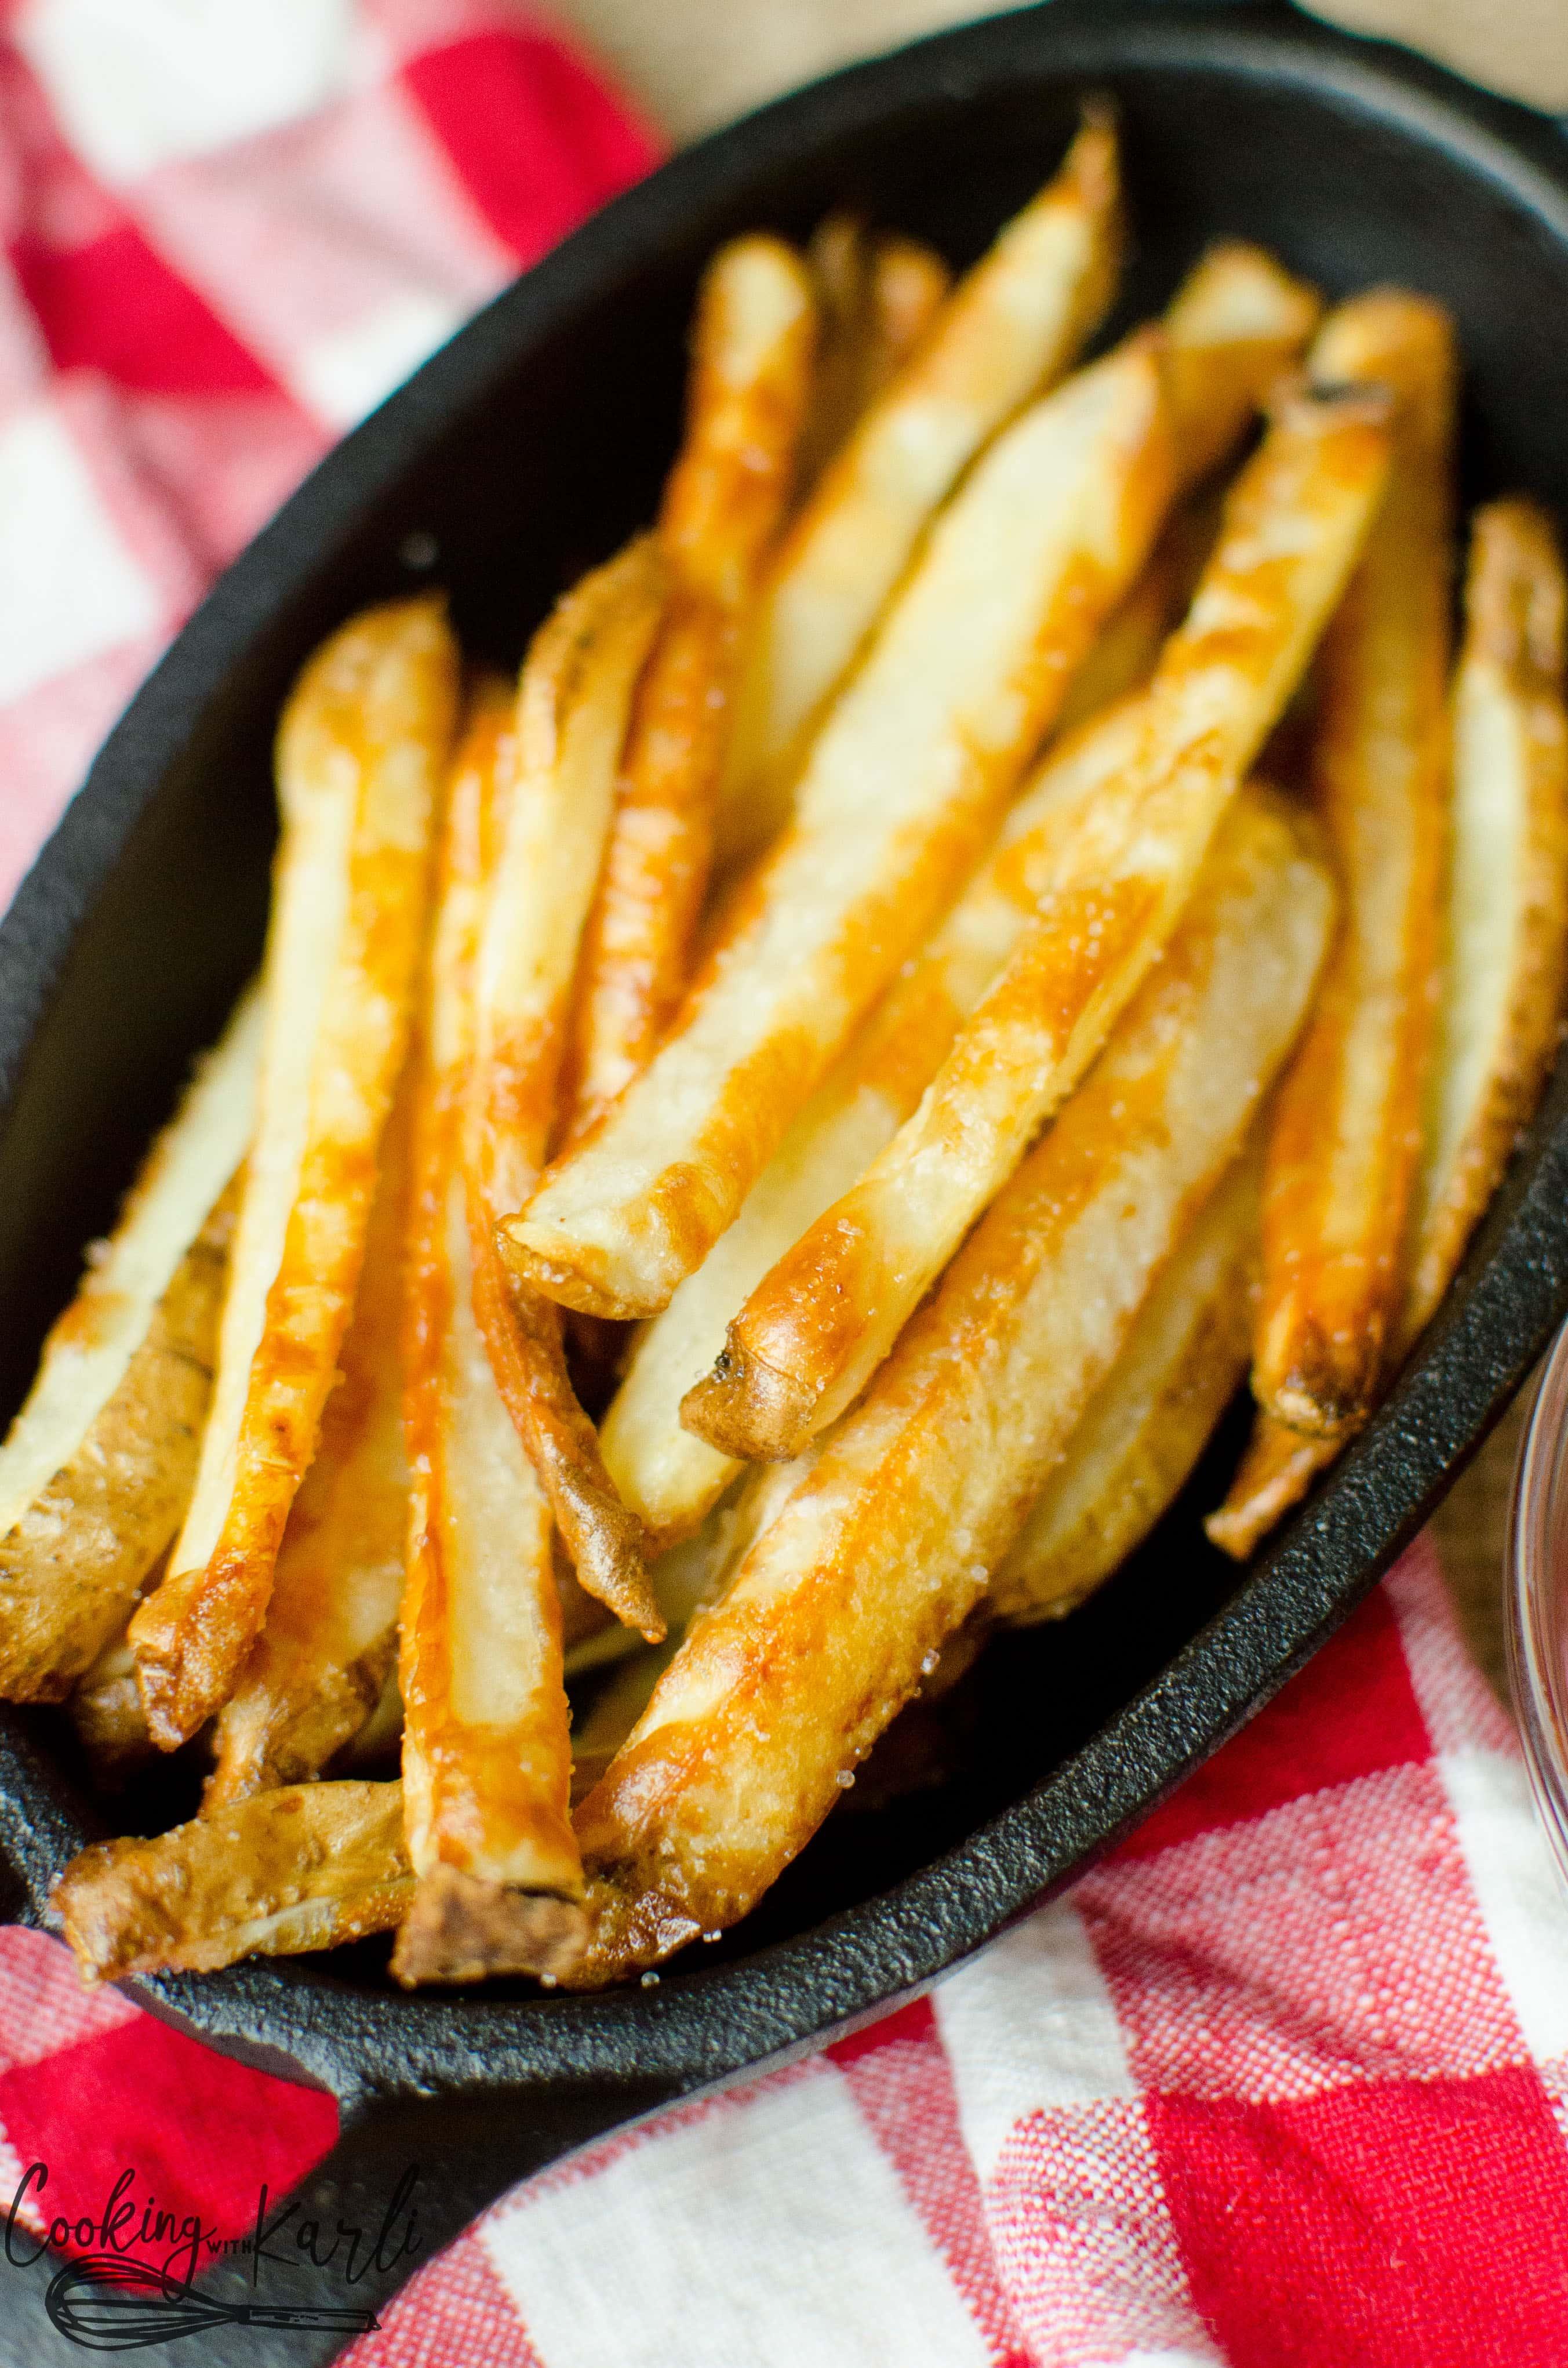 Bowl full of easy, crispy oven baked french fries